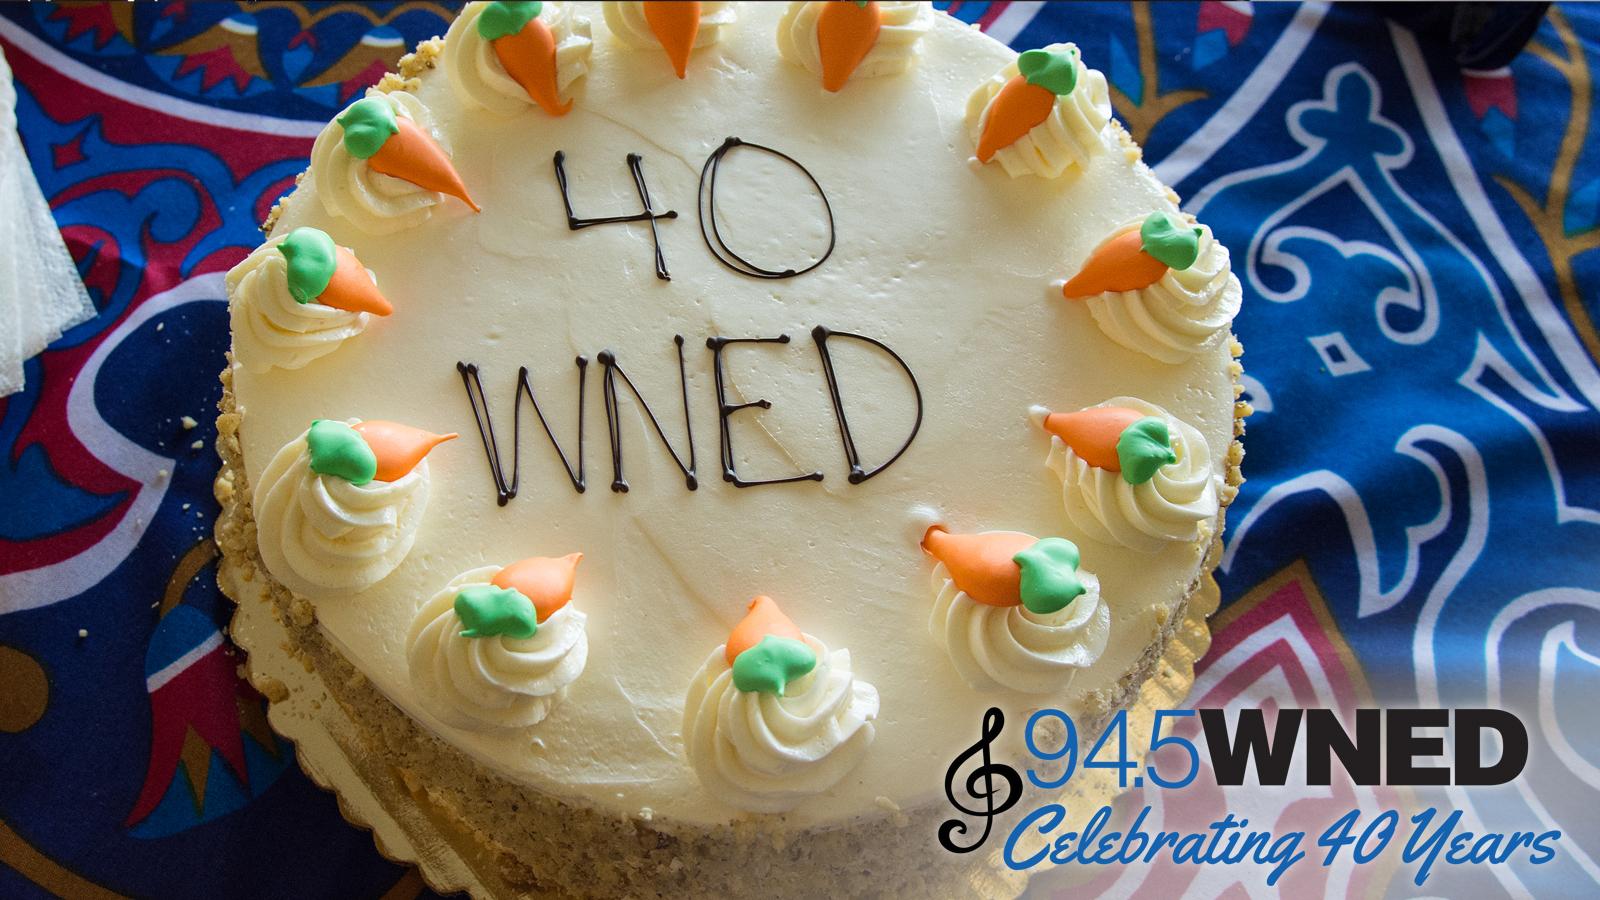 Cake Celebrating 40 Years